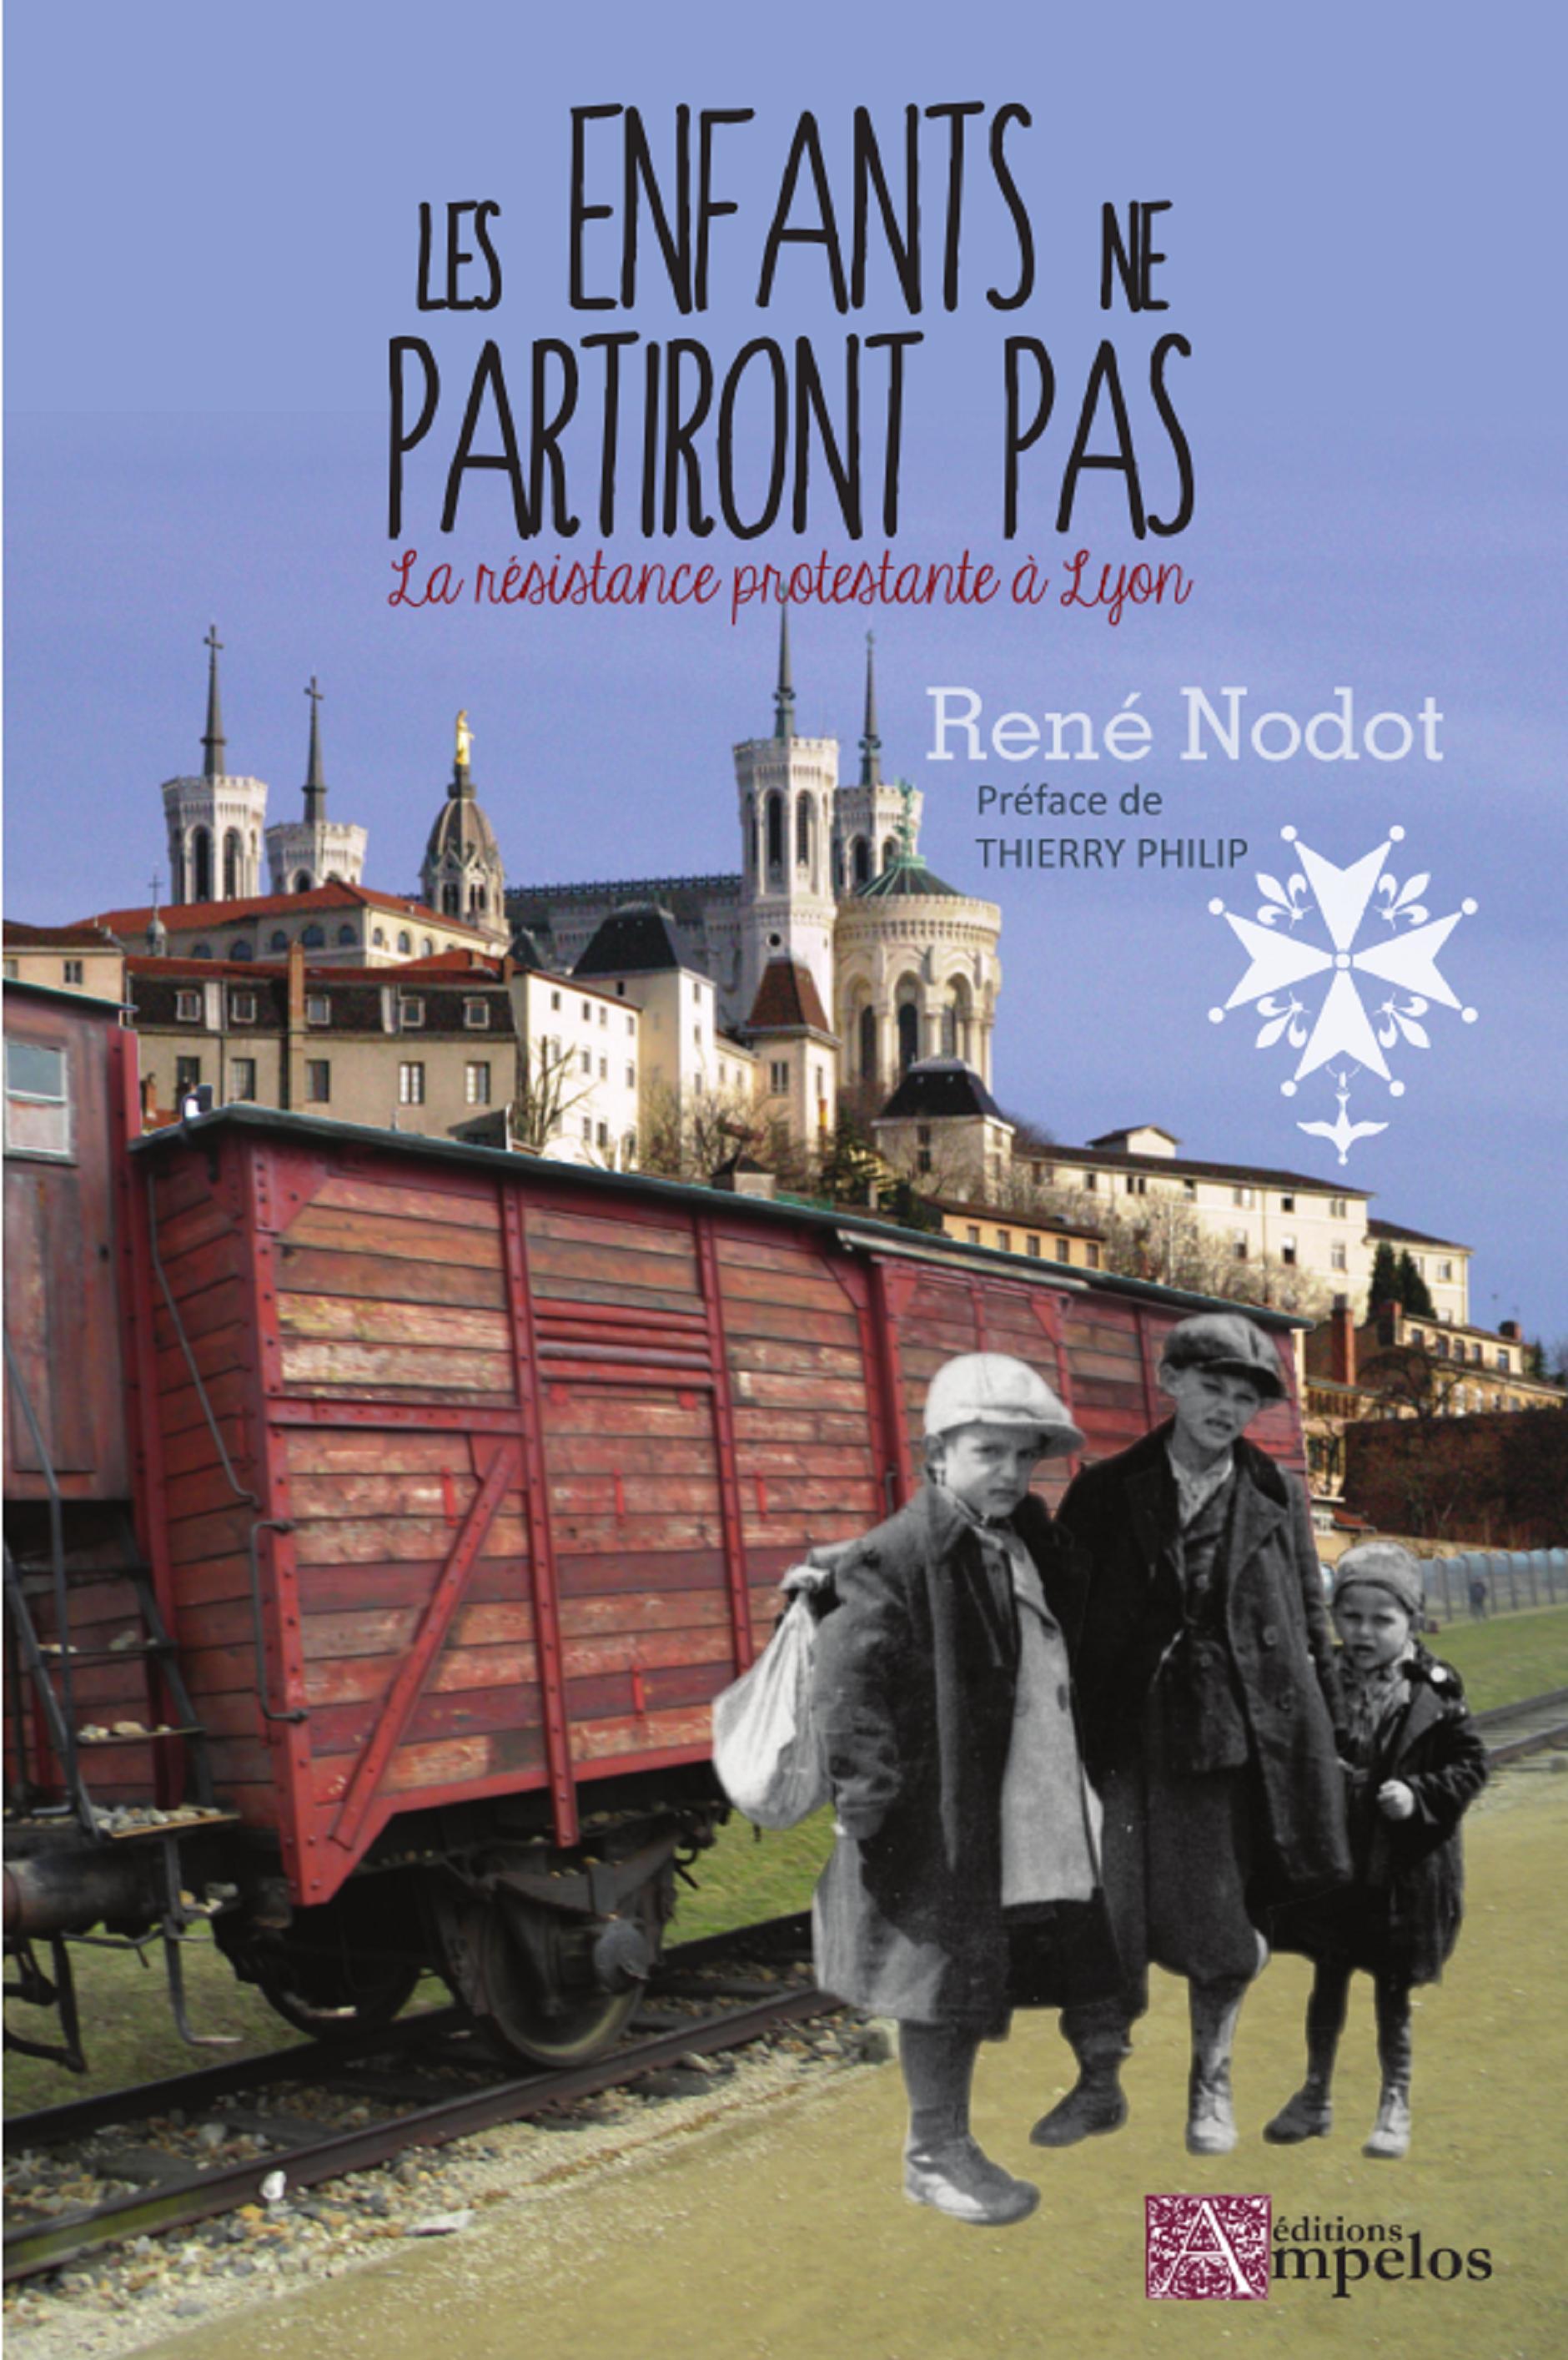 Les enfants ne partiront pas, (la résistance protestante à Lyon), par René Nodot